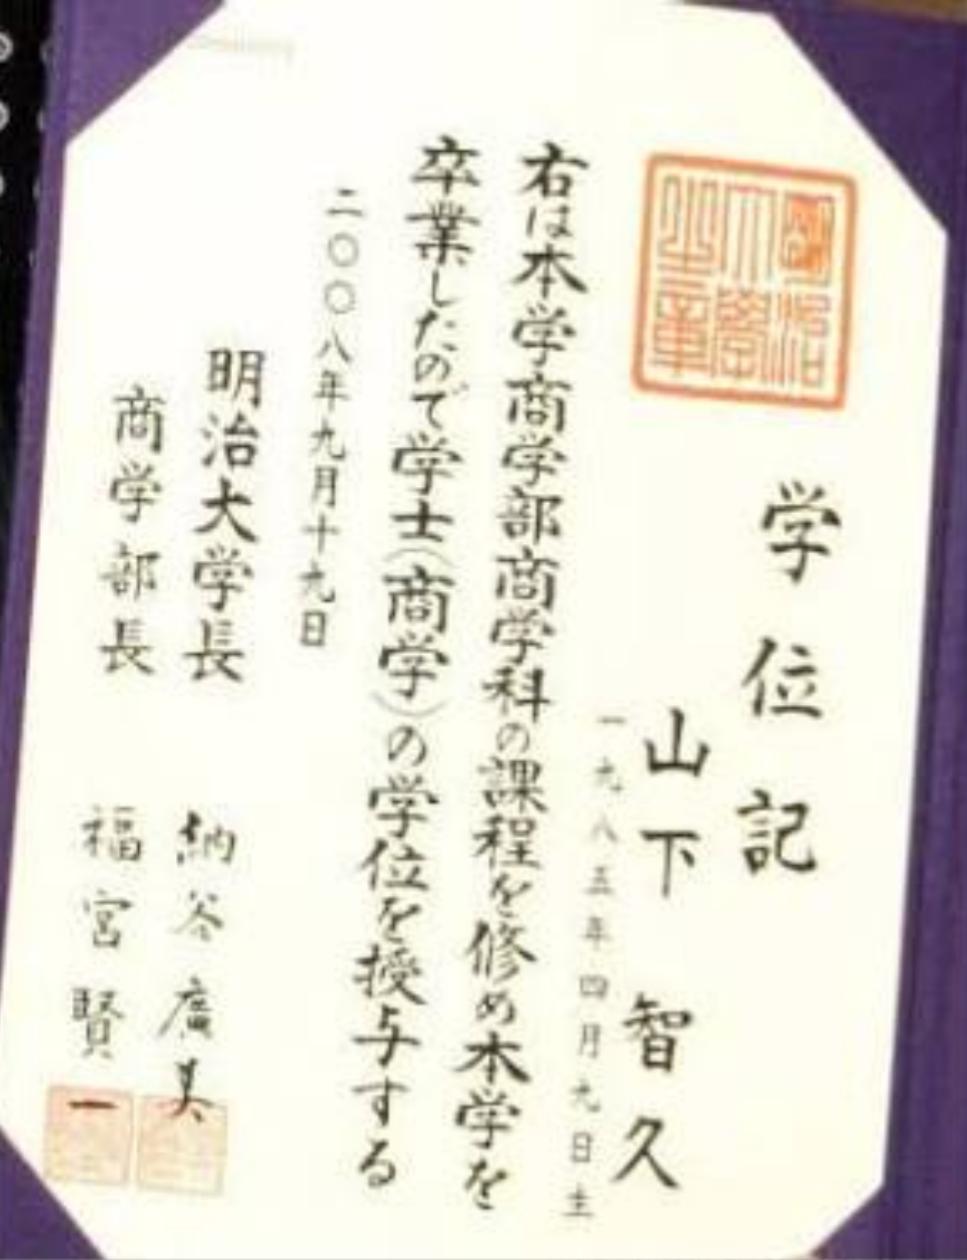 山下智久、出演する中国映画がついに完成も